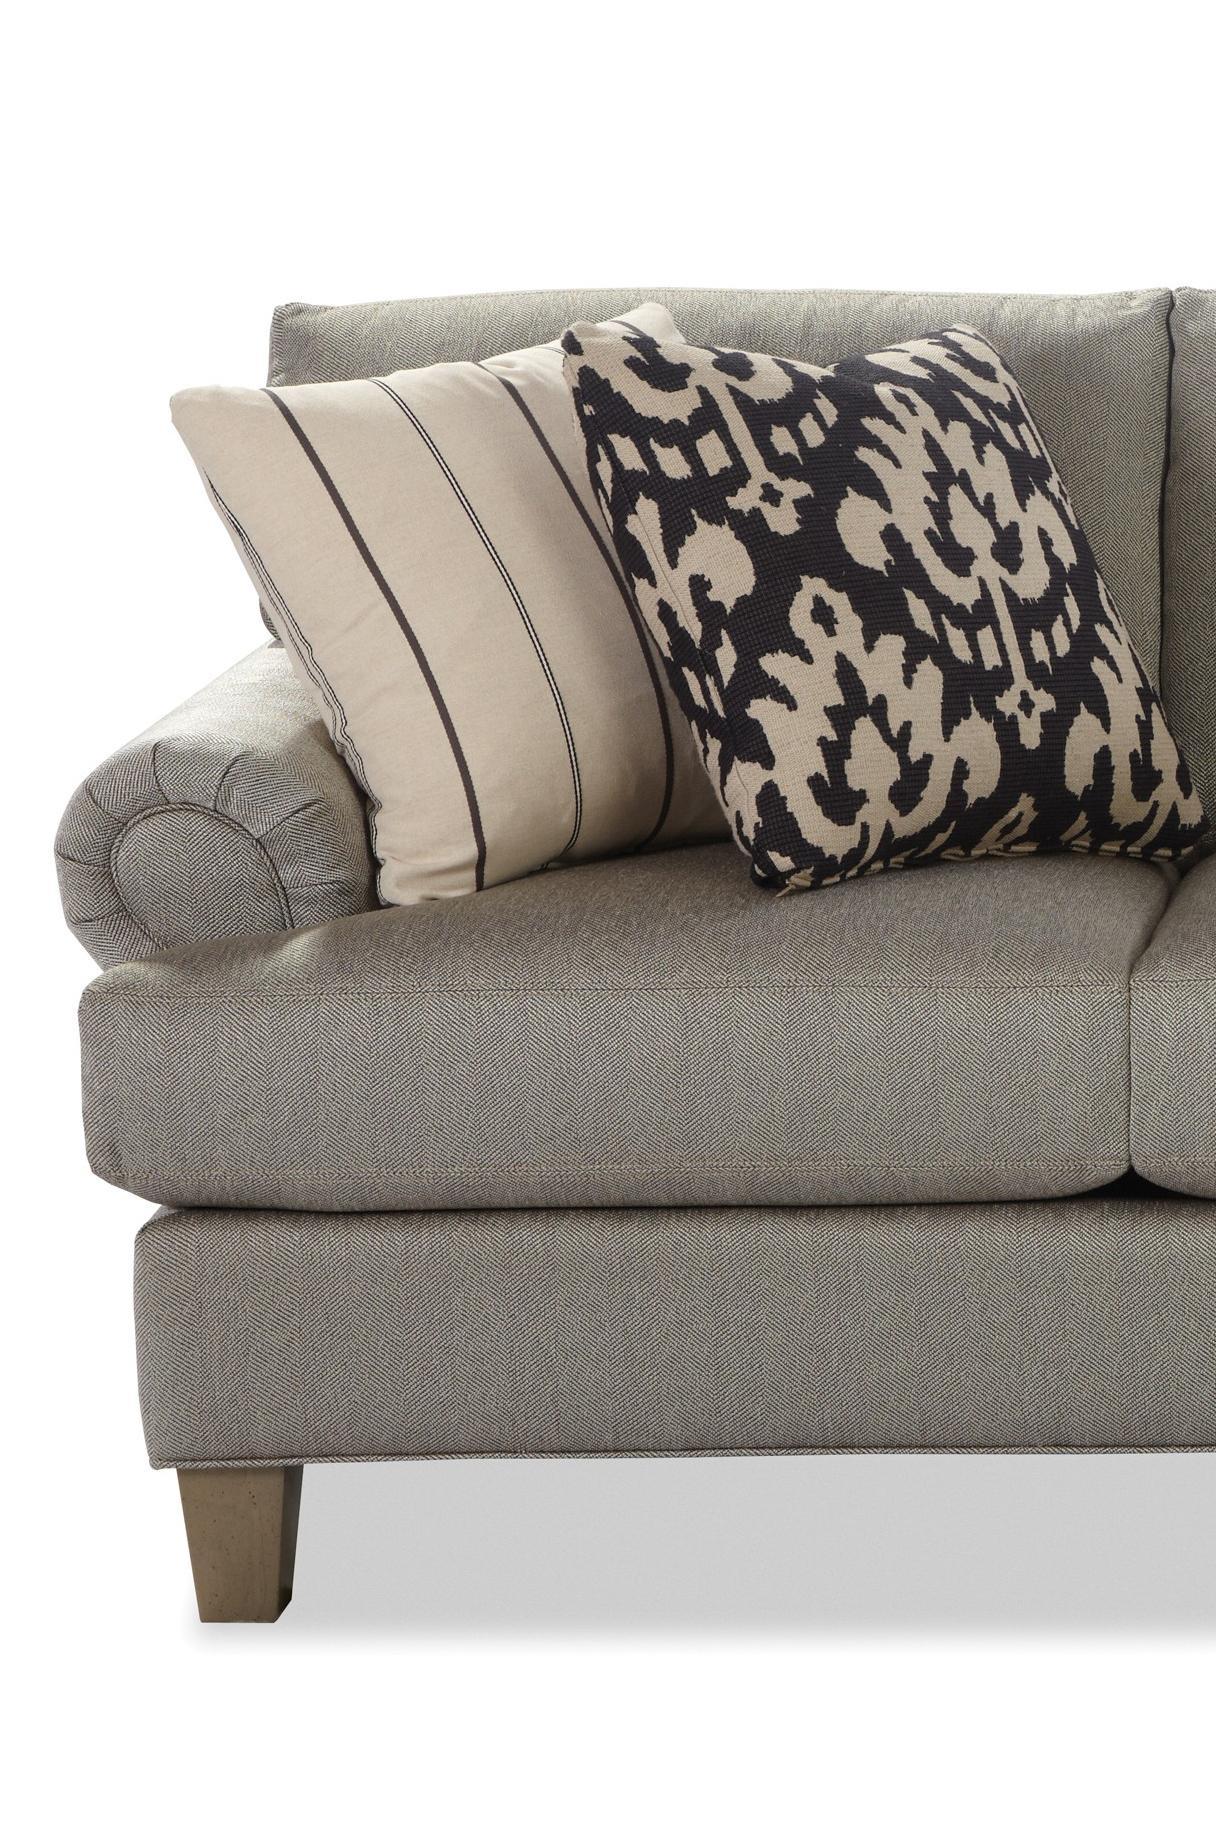 7406 740600 by craftmaster j j furniture for J furniture dealers